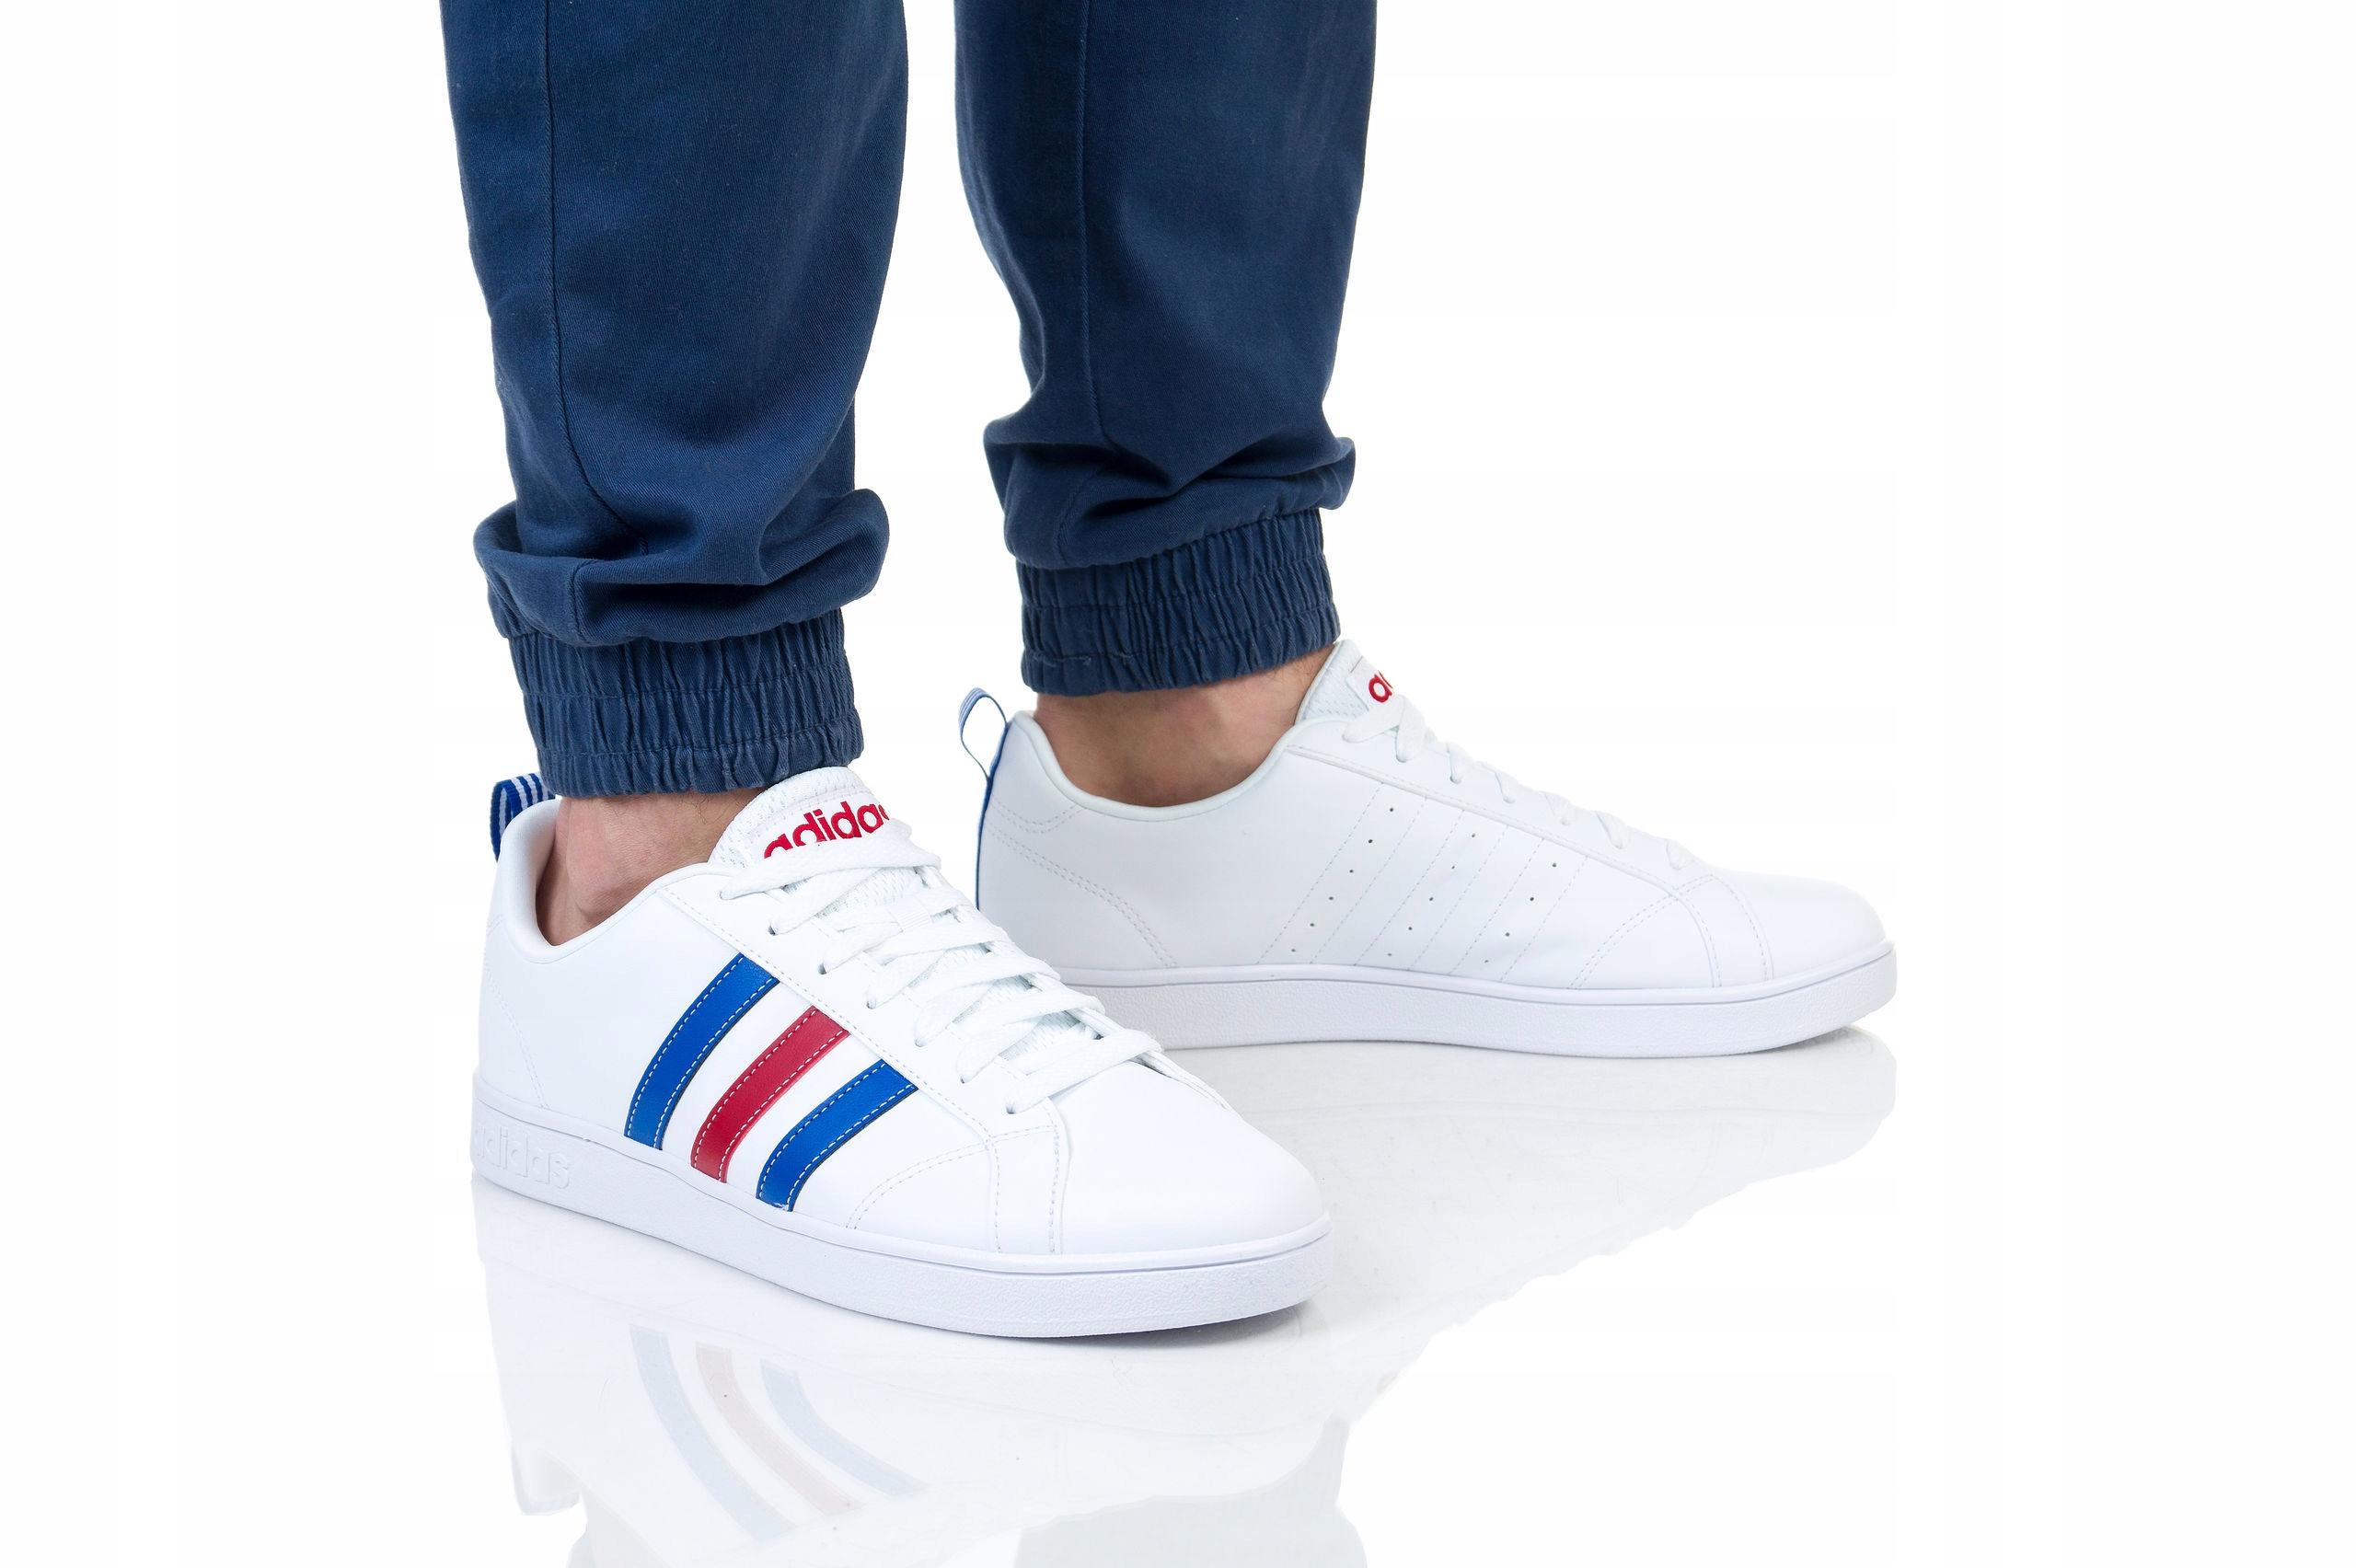 Buty Adidas Nmd R1 Damskie 20823 704 Rózowe